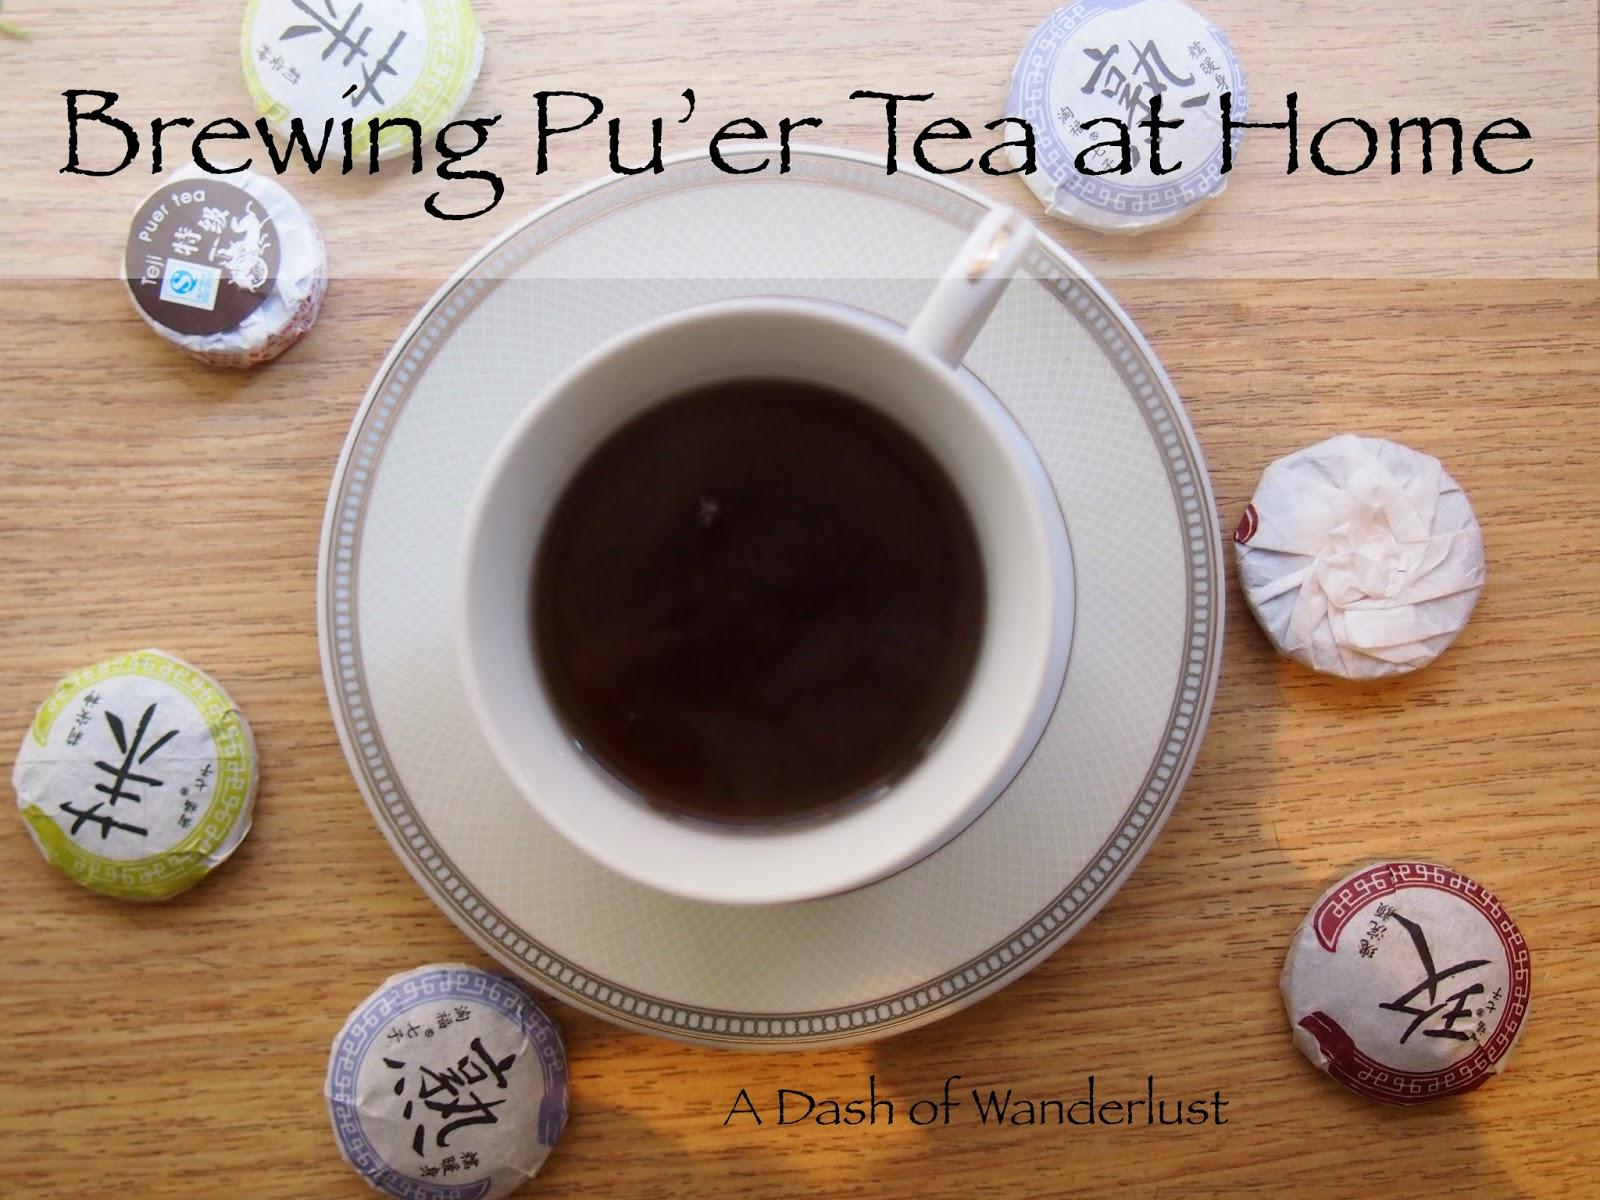 Brewed Pu'er Tea and bricks of tea